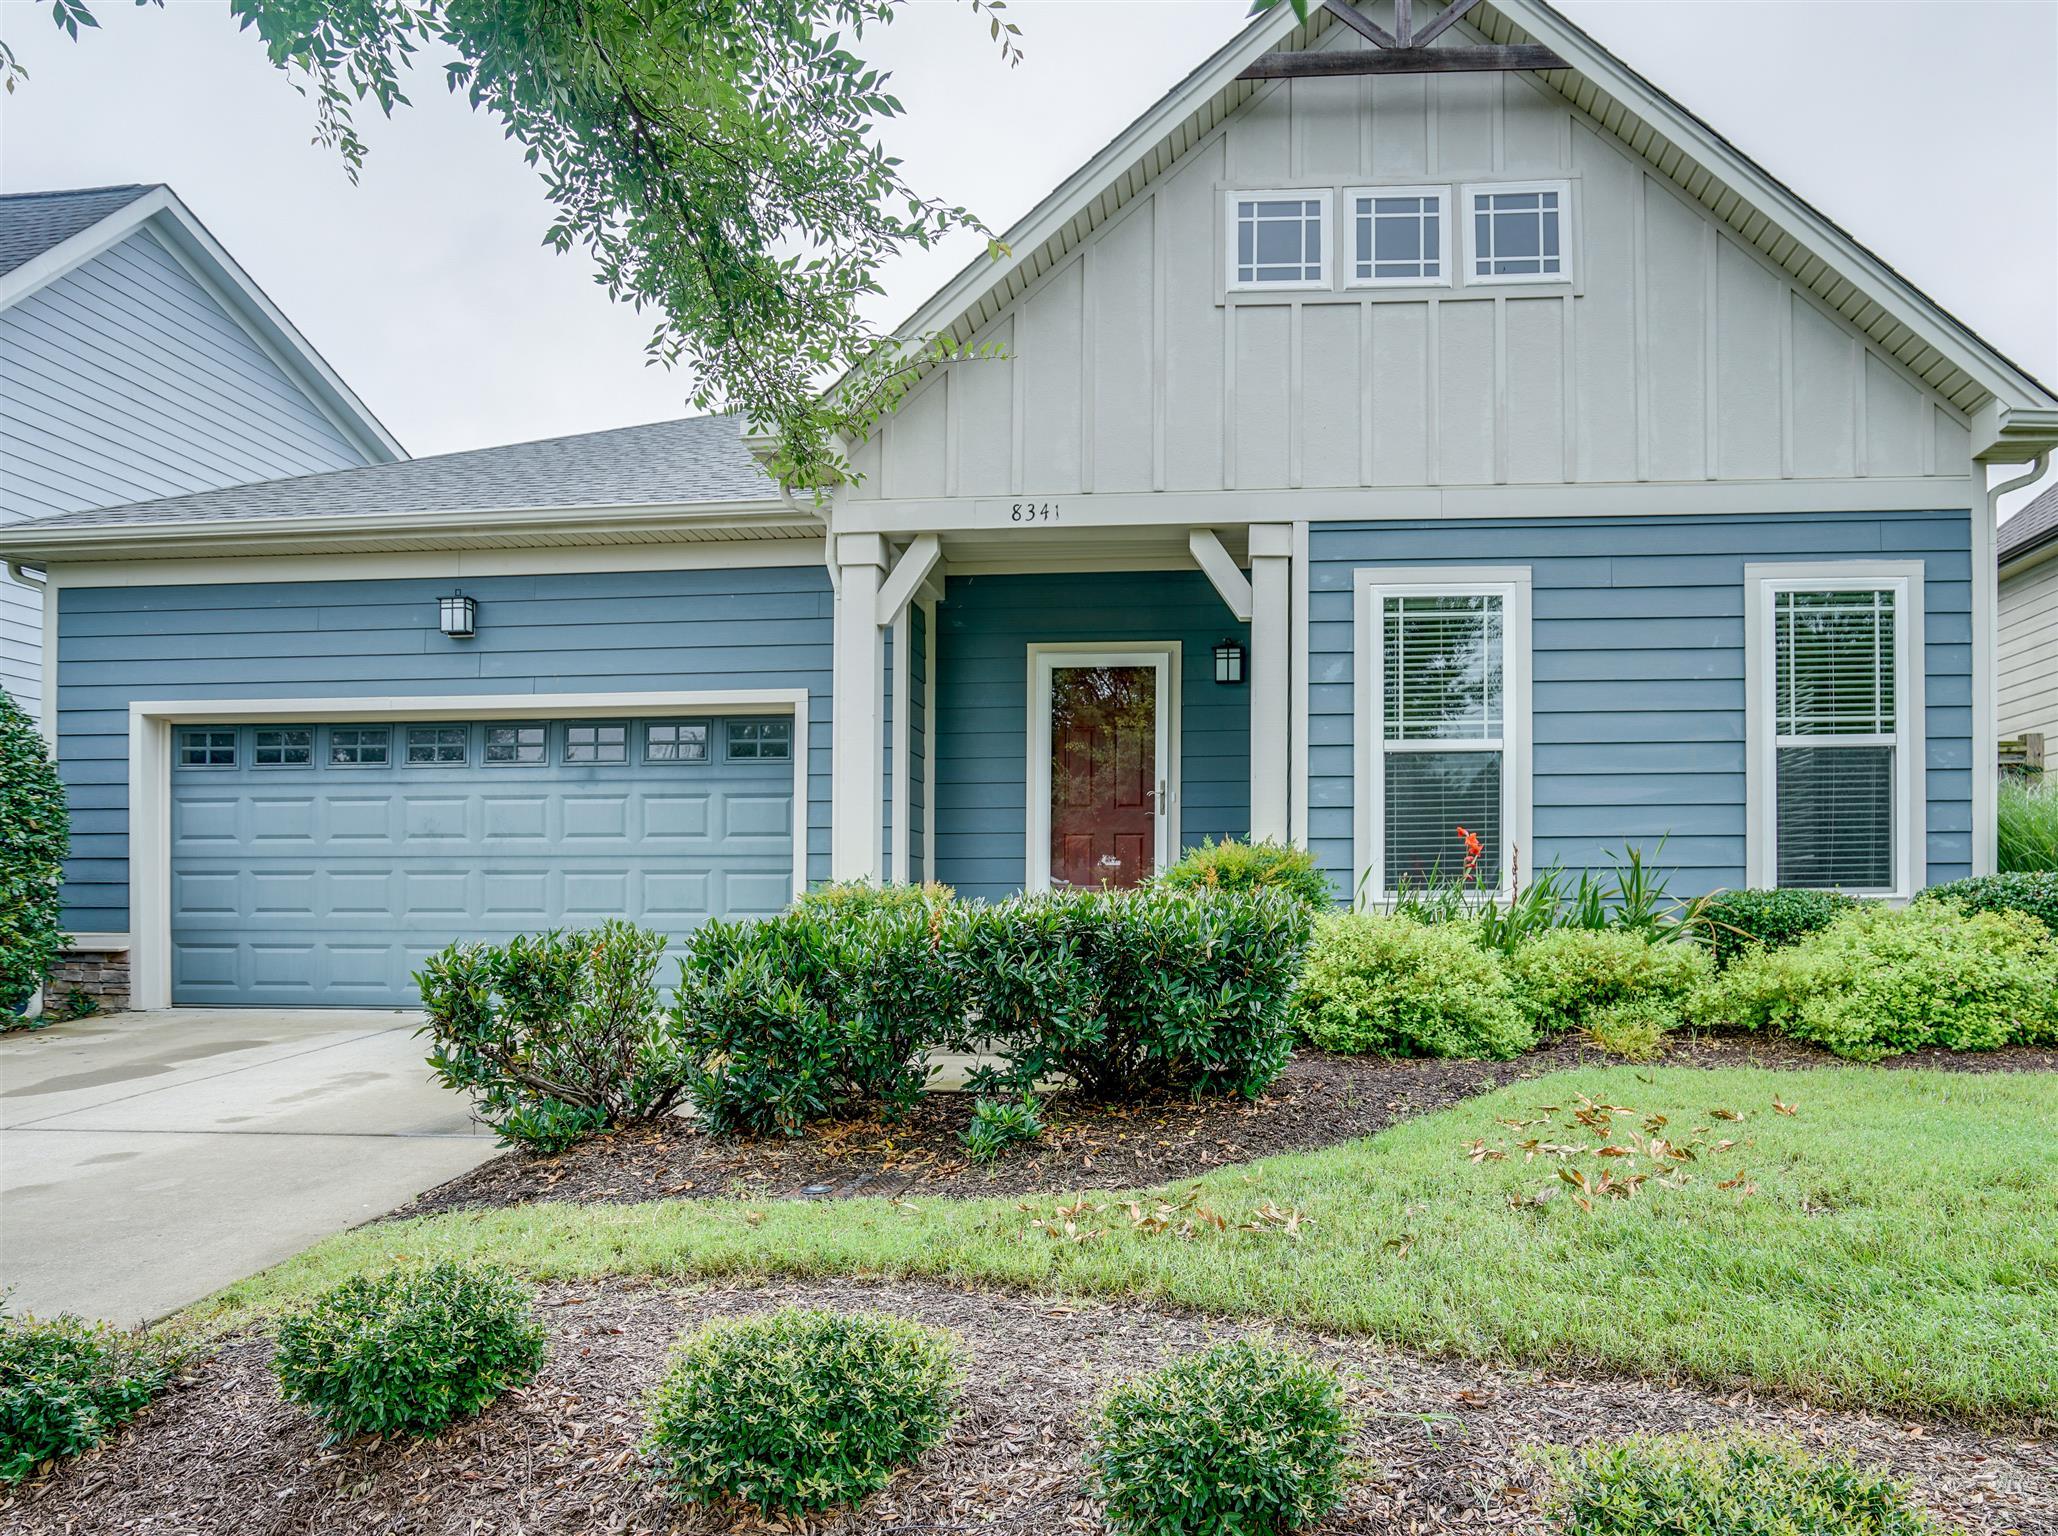 8341 Elmcroft Ct, Nolensville, TN 37135 - Nolensville, TN real estate listing